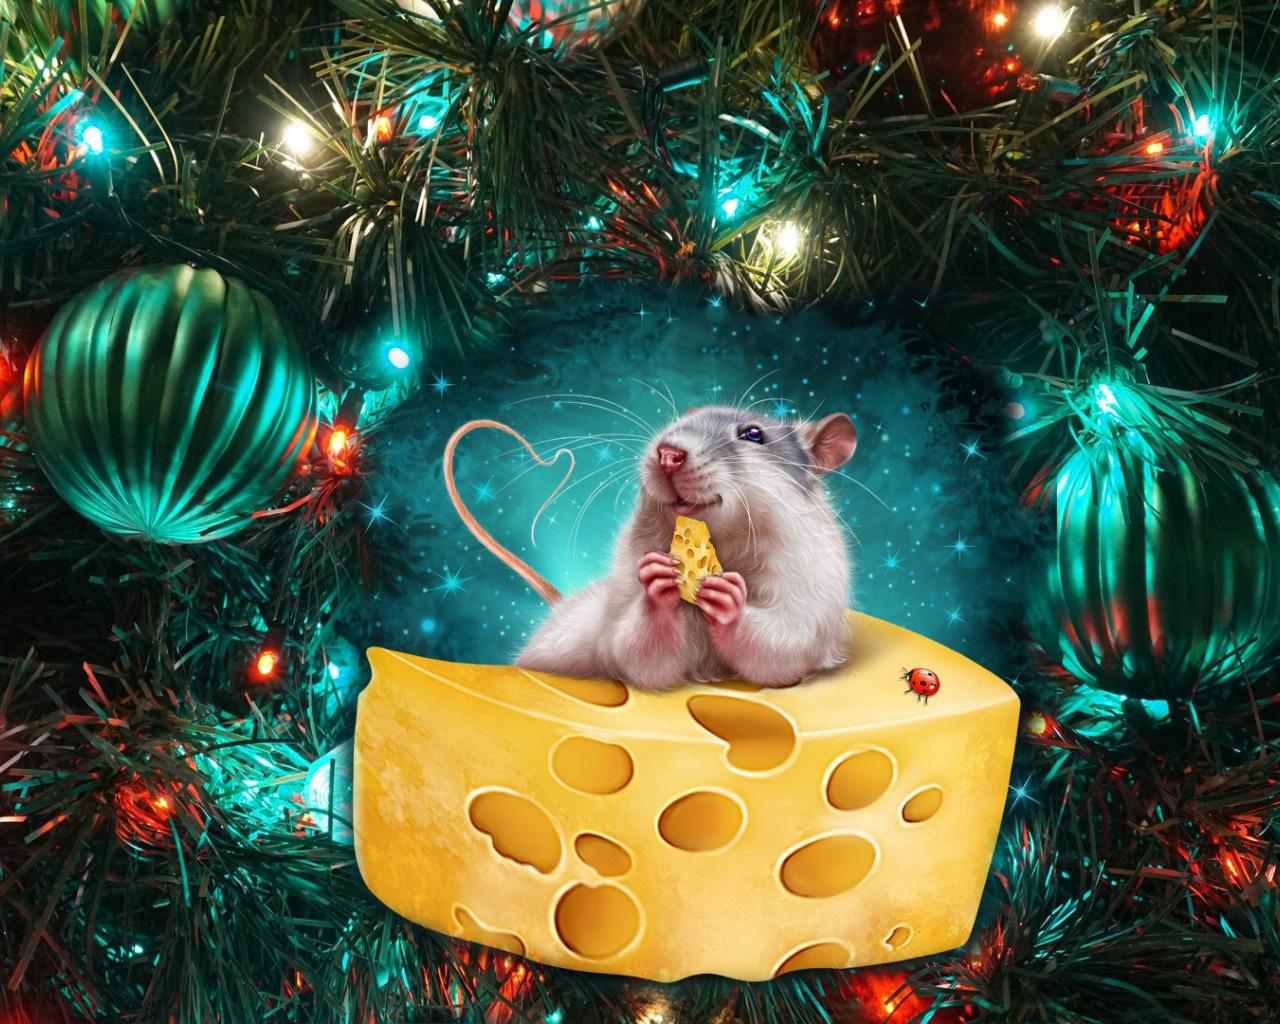 дому милые картинки с наступающим новым годом мышки окружен